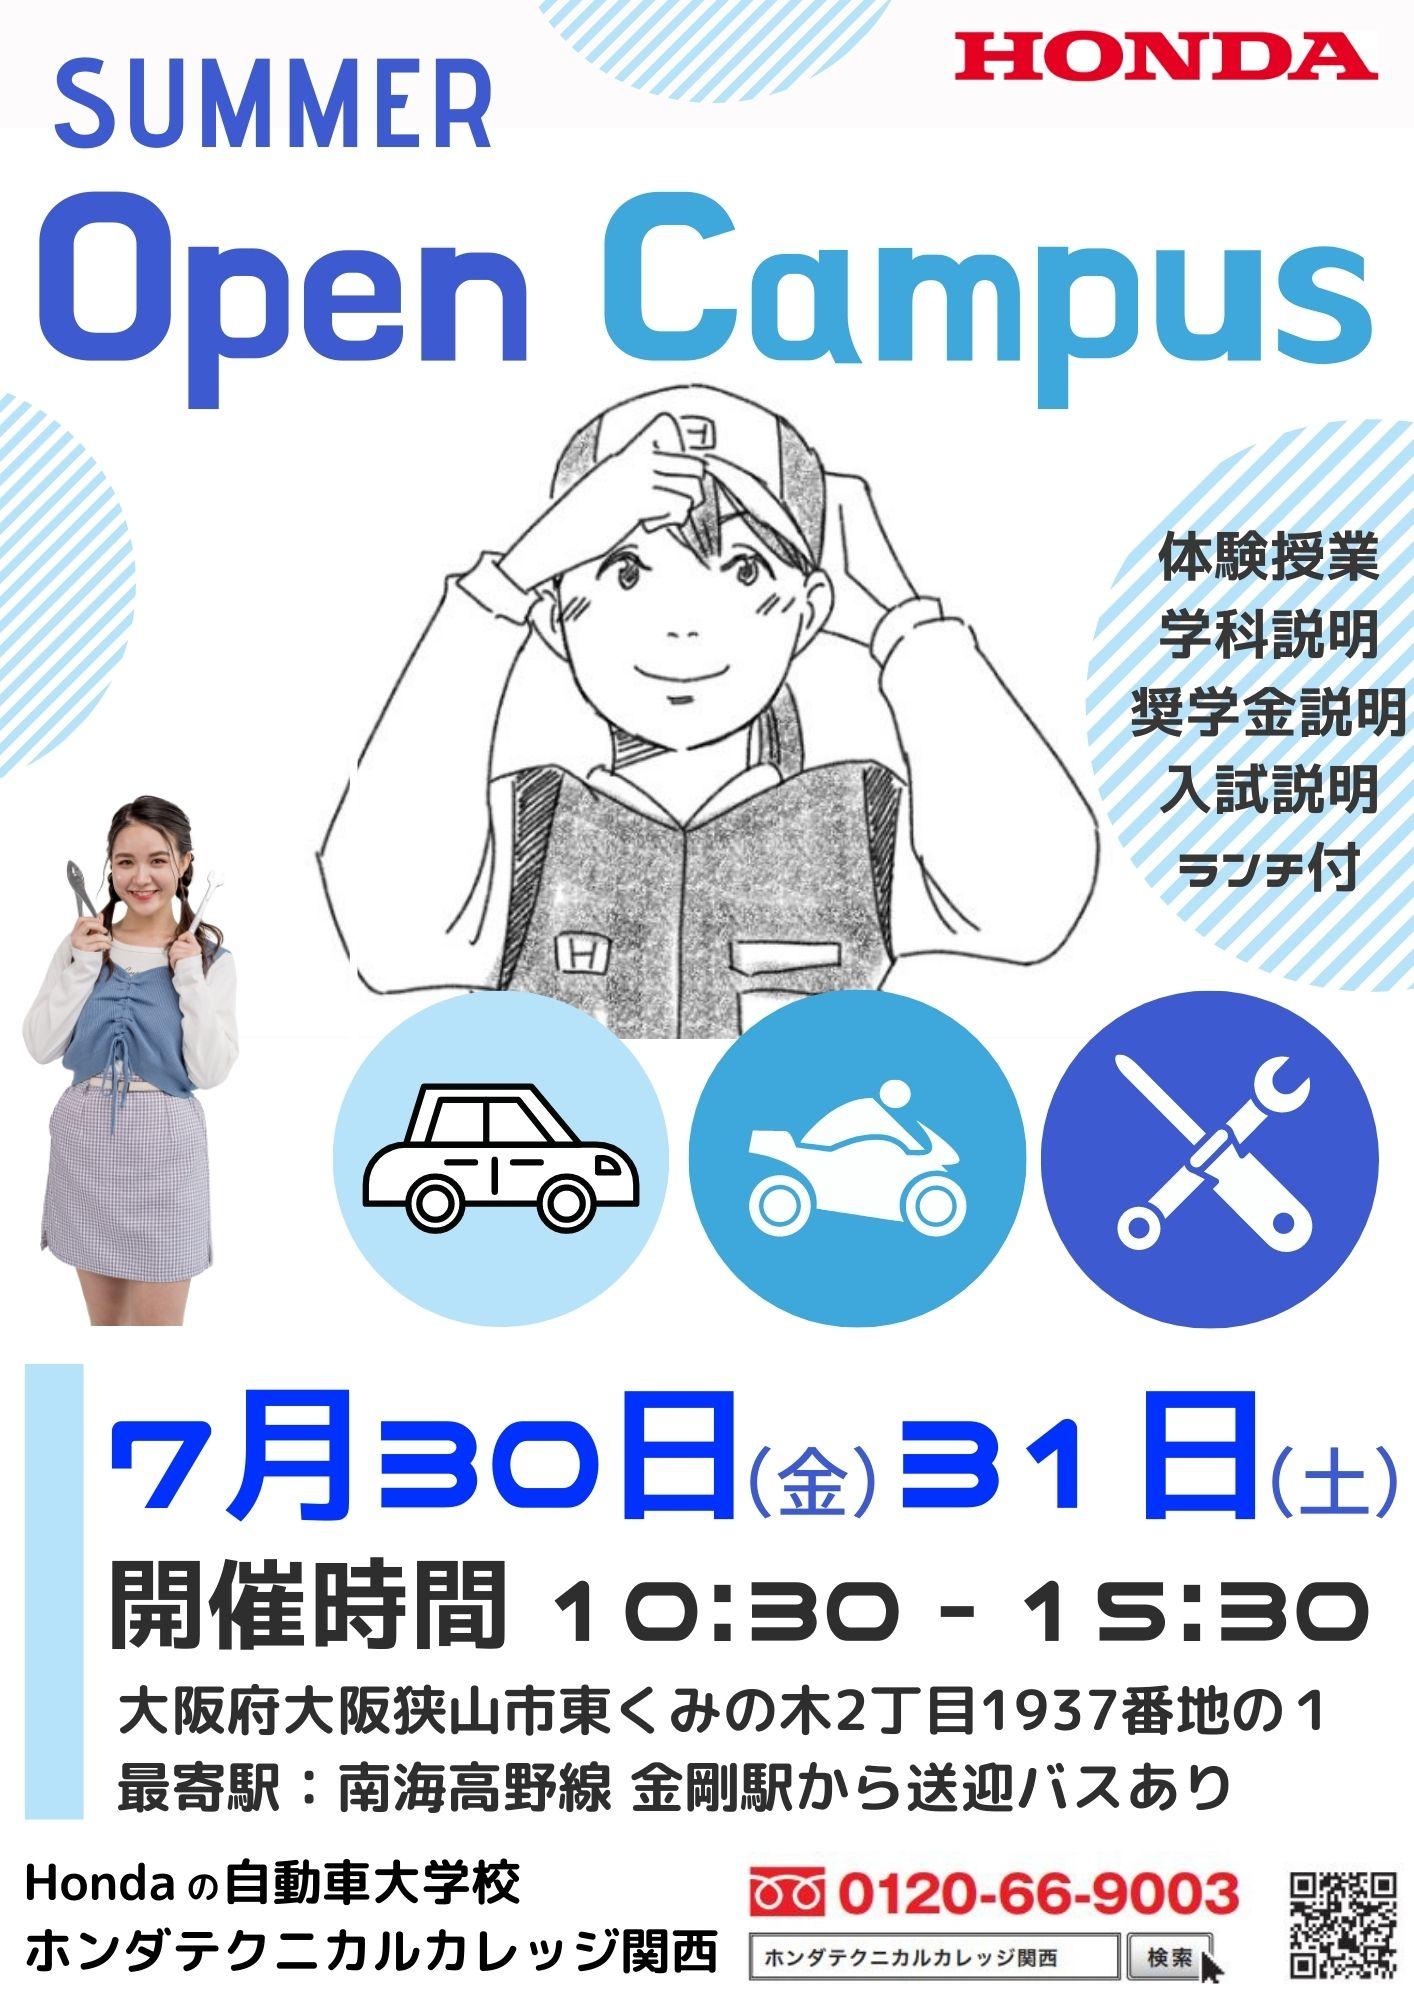 【いよいよ今週末!】7月30日・31日に「夏の体験授業」を開催